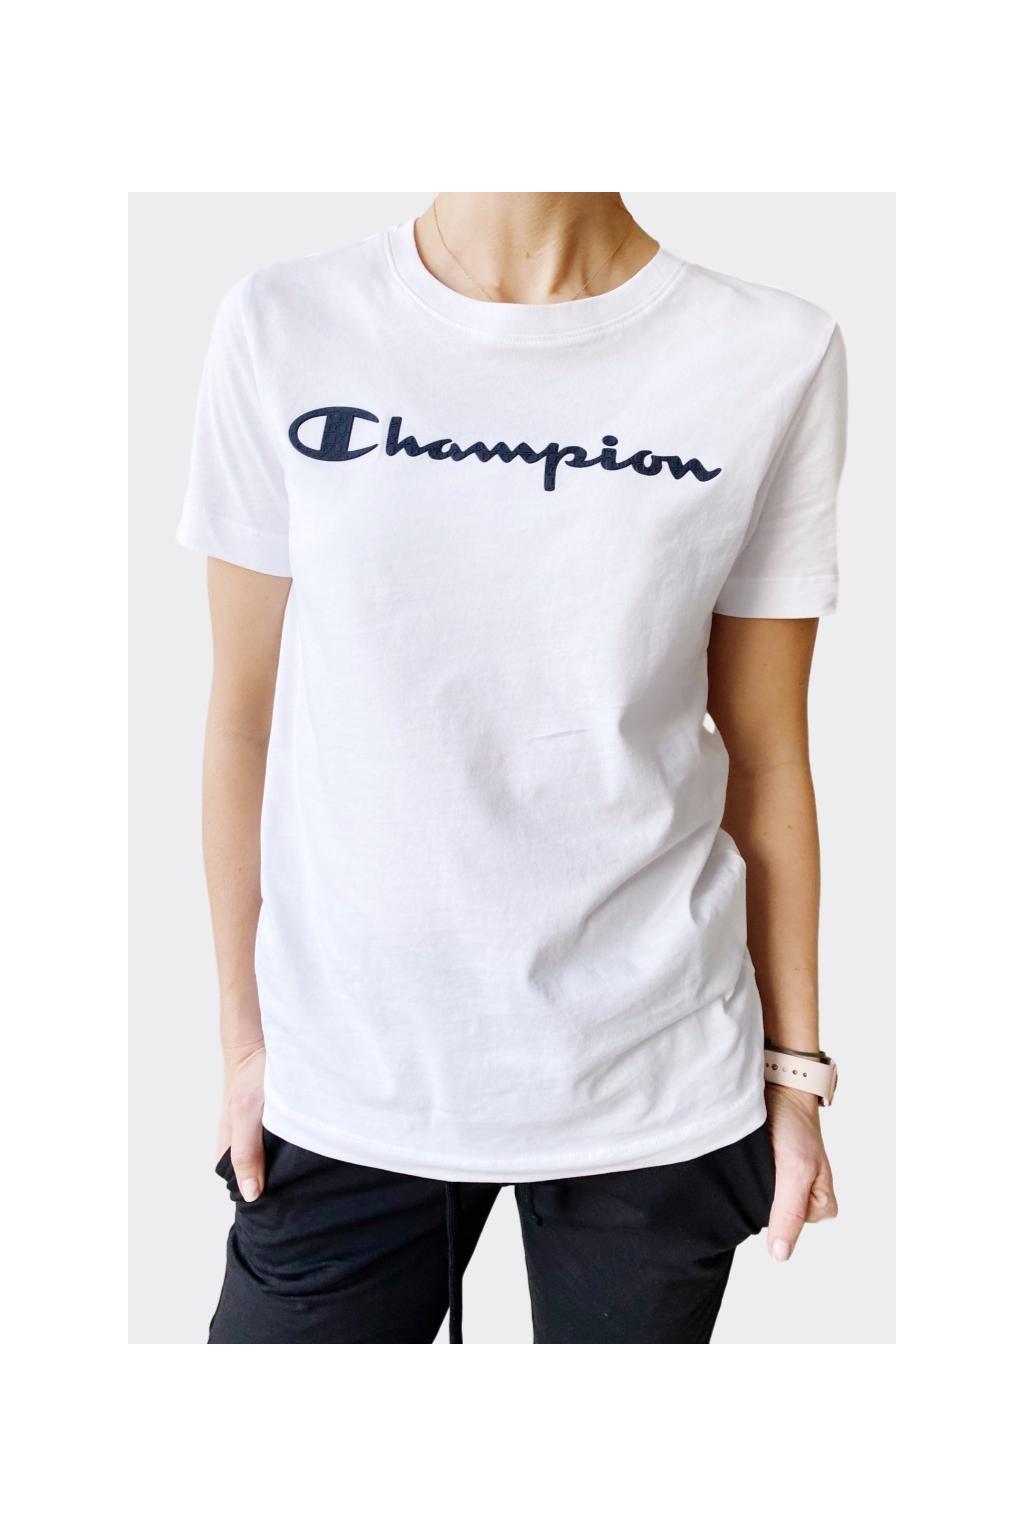 Champion dámské tričko velké logo - bílá